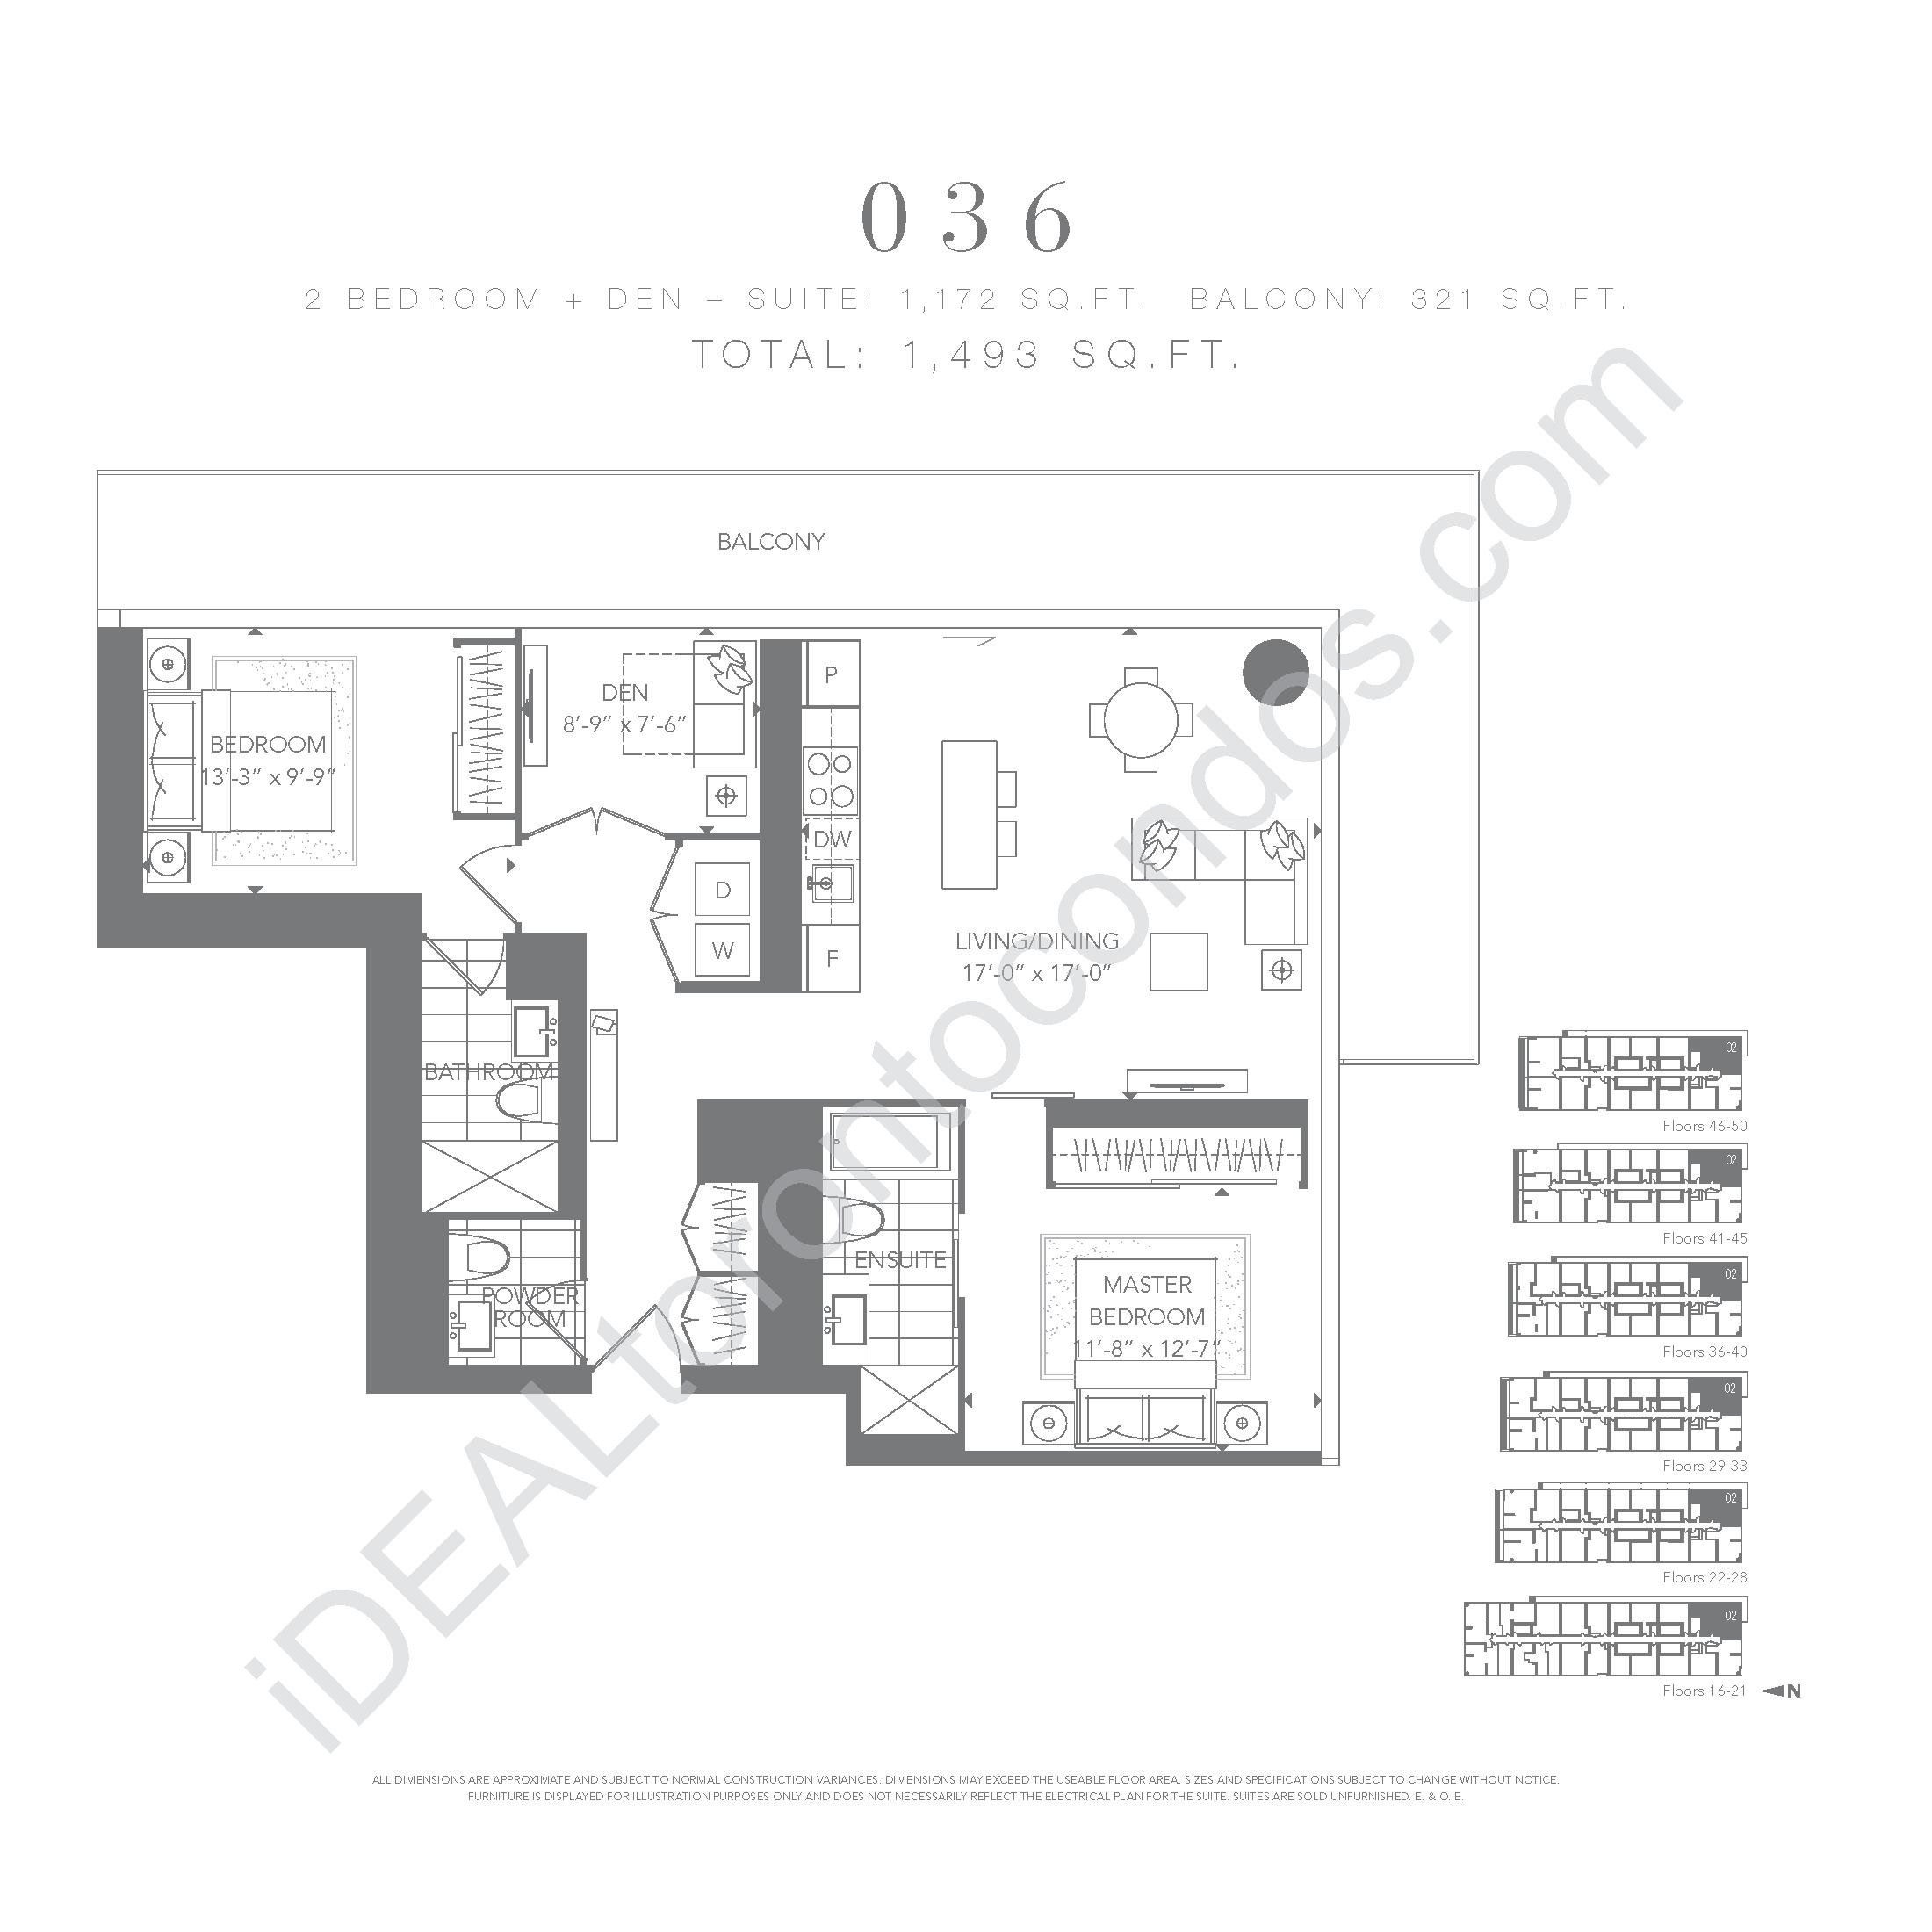 2 bedroom + den 036